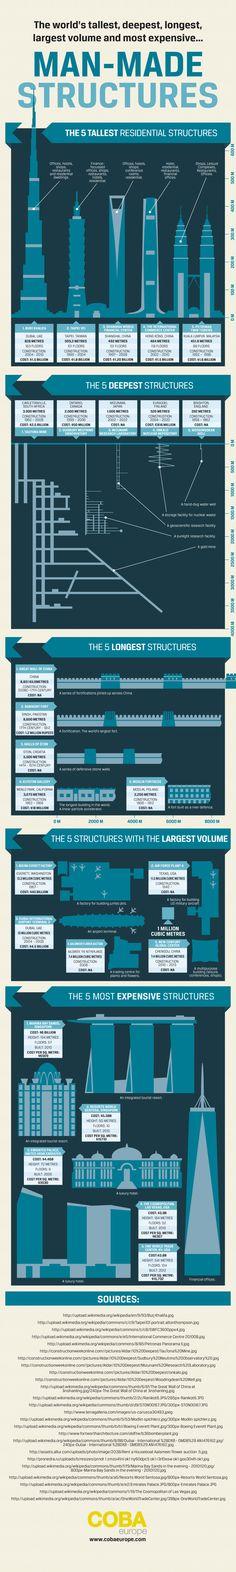 Las 25 estructuras más grandes creadas por el hombre